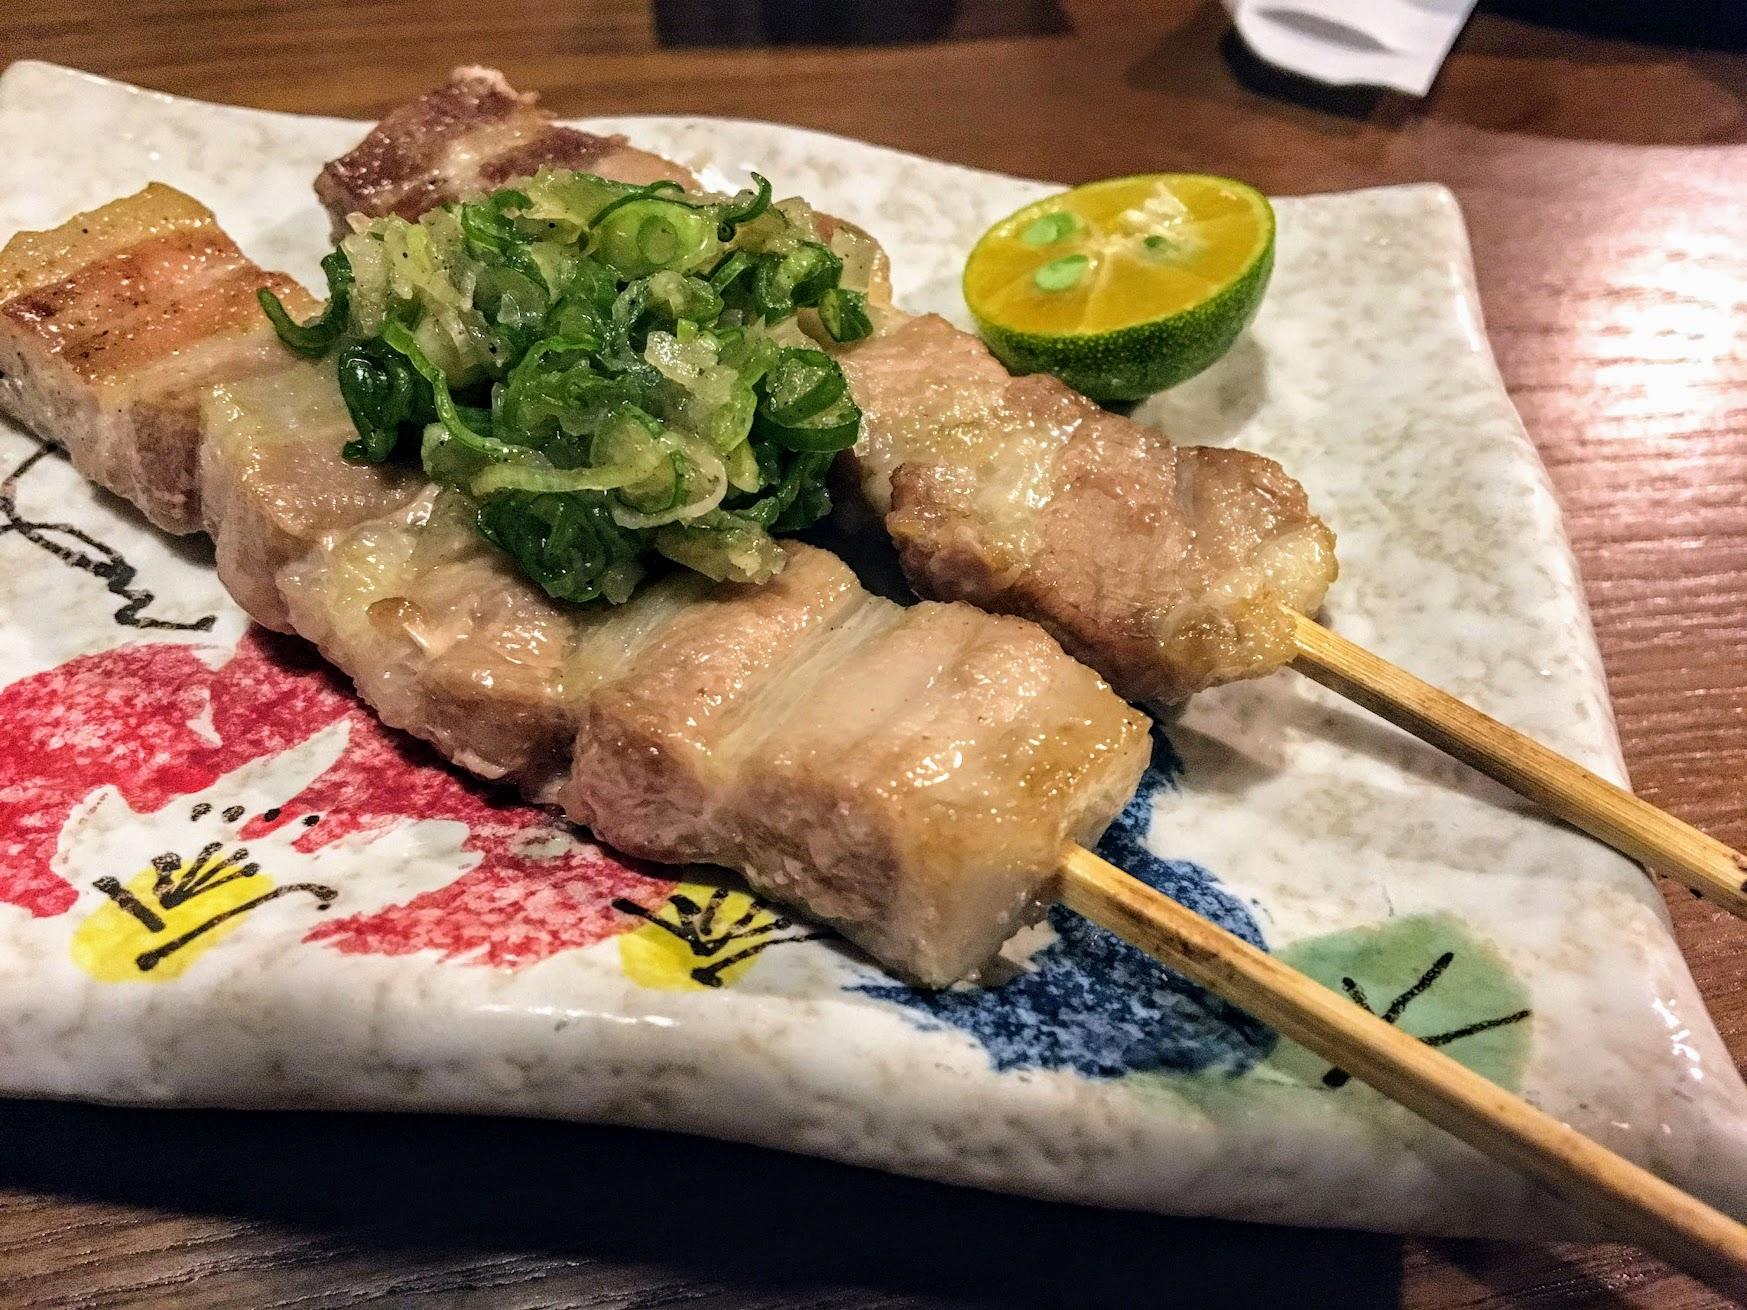 鹽蔥豬五花,五花肉的肉頗軟嫩的,上頭的鹽蔥鹹鹹的很對味...